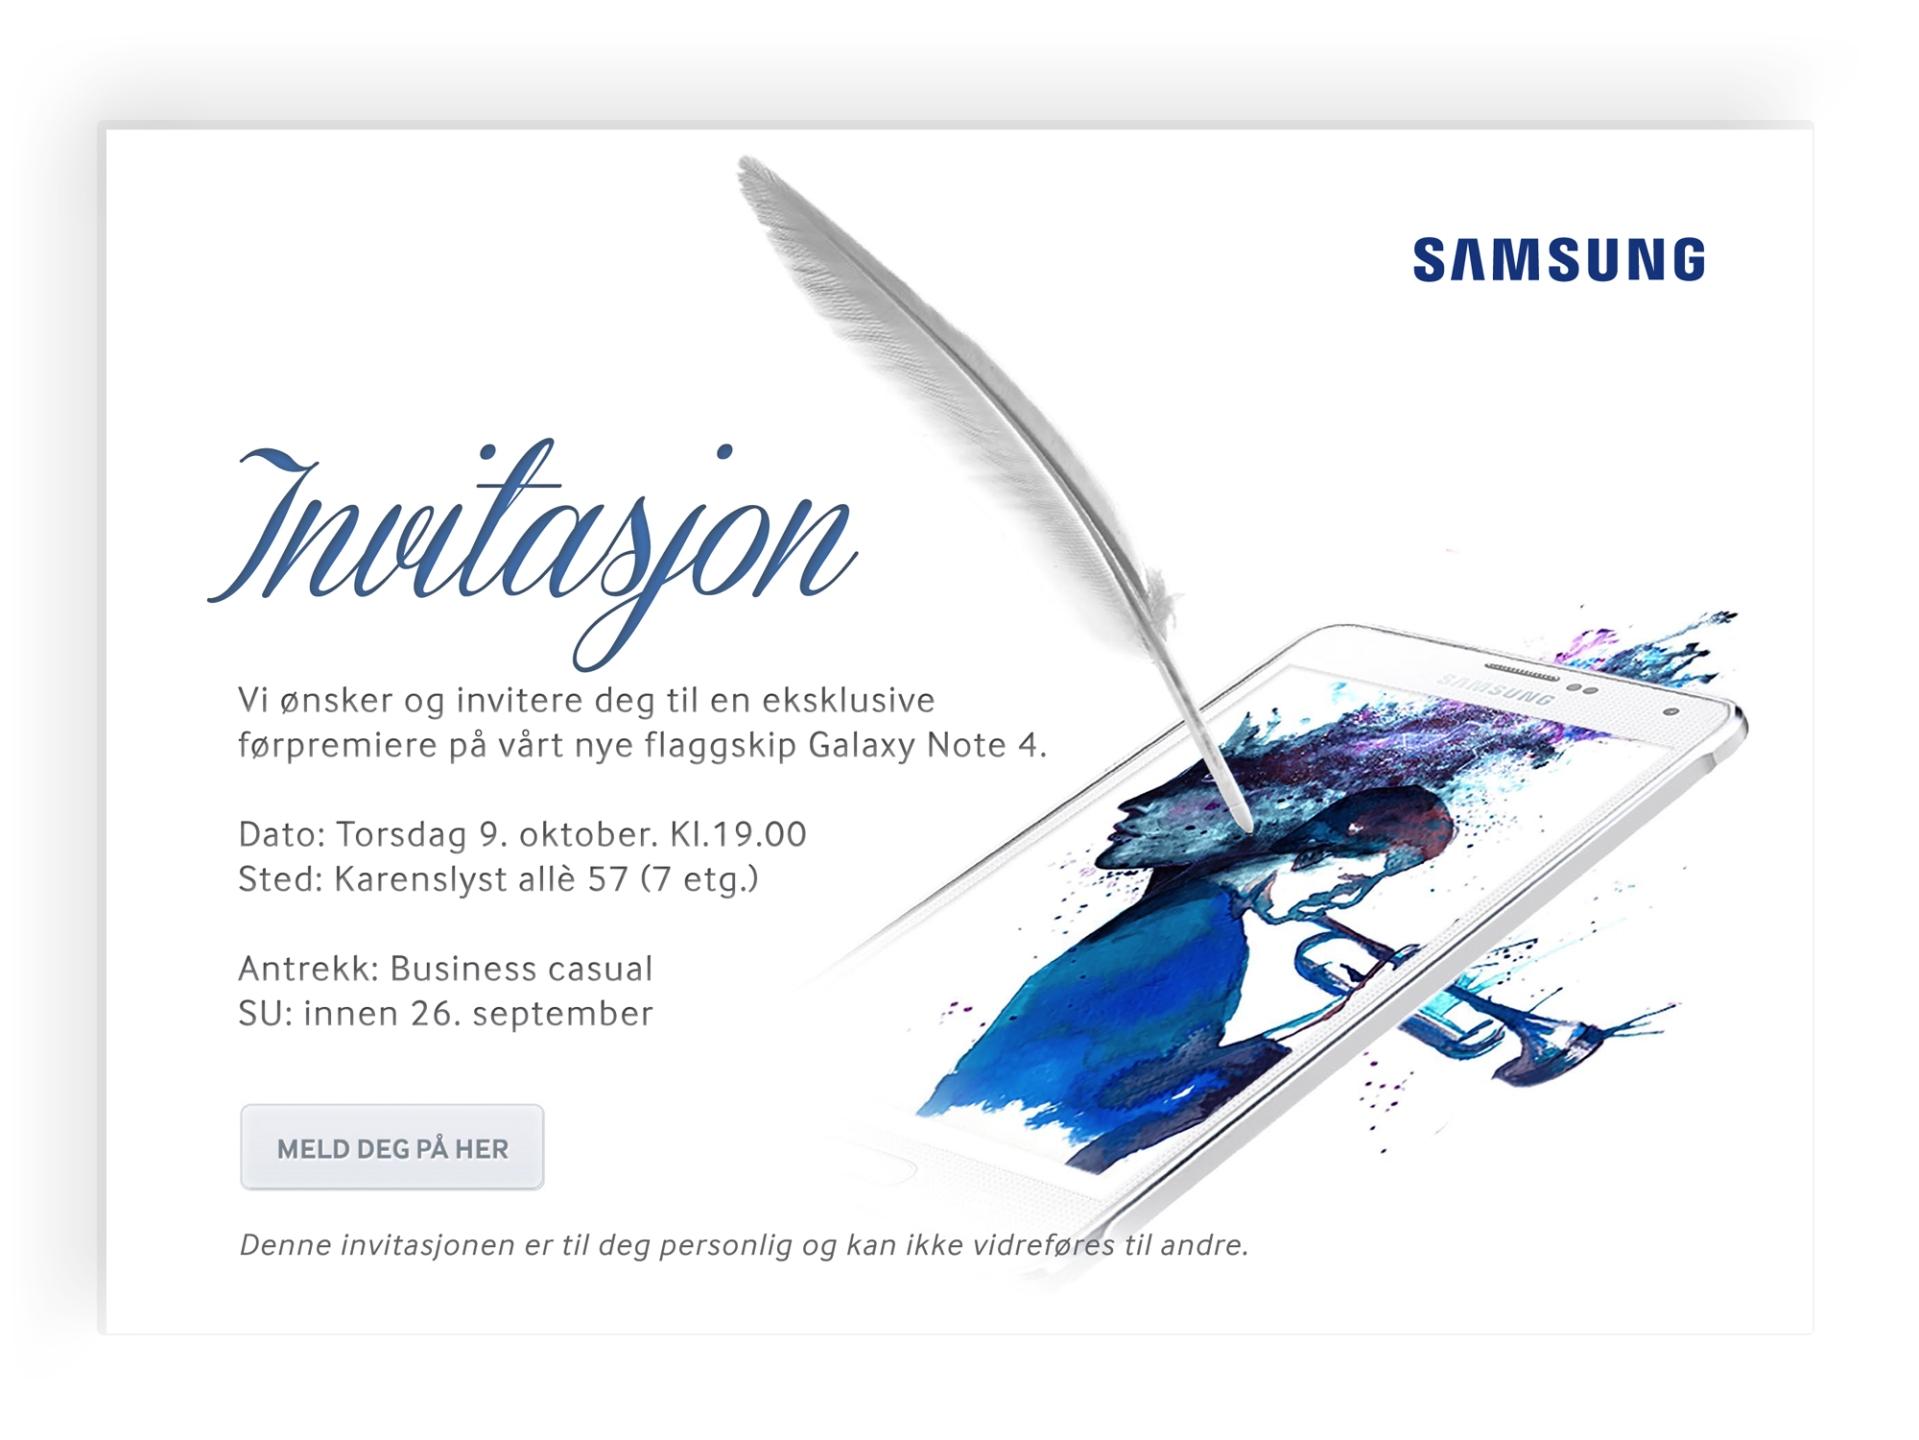 Samsung-GalaxyNote4-img-001